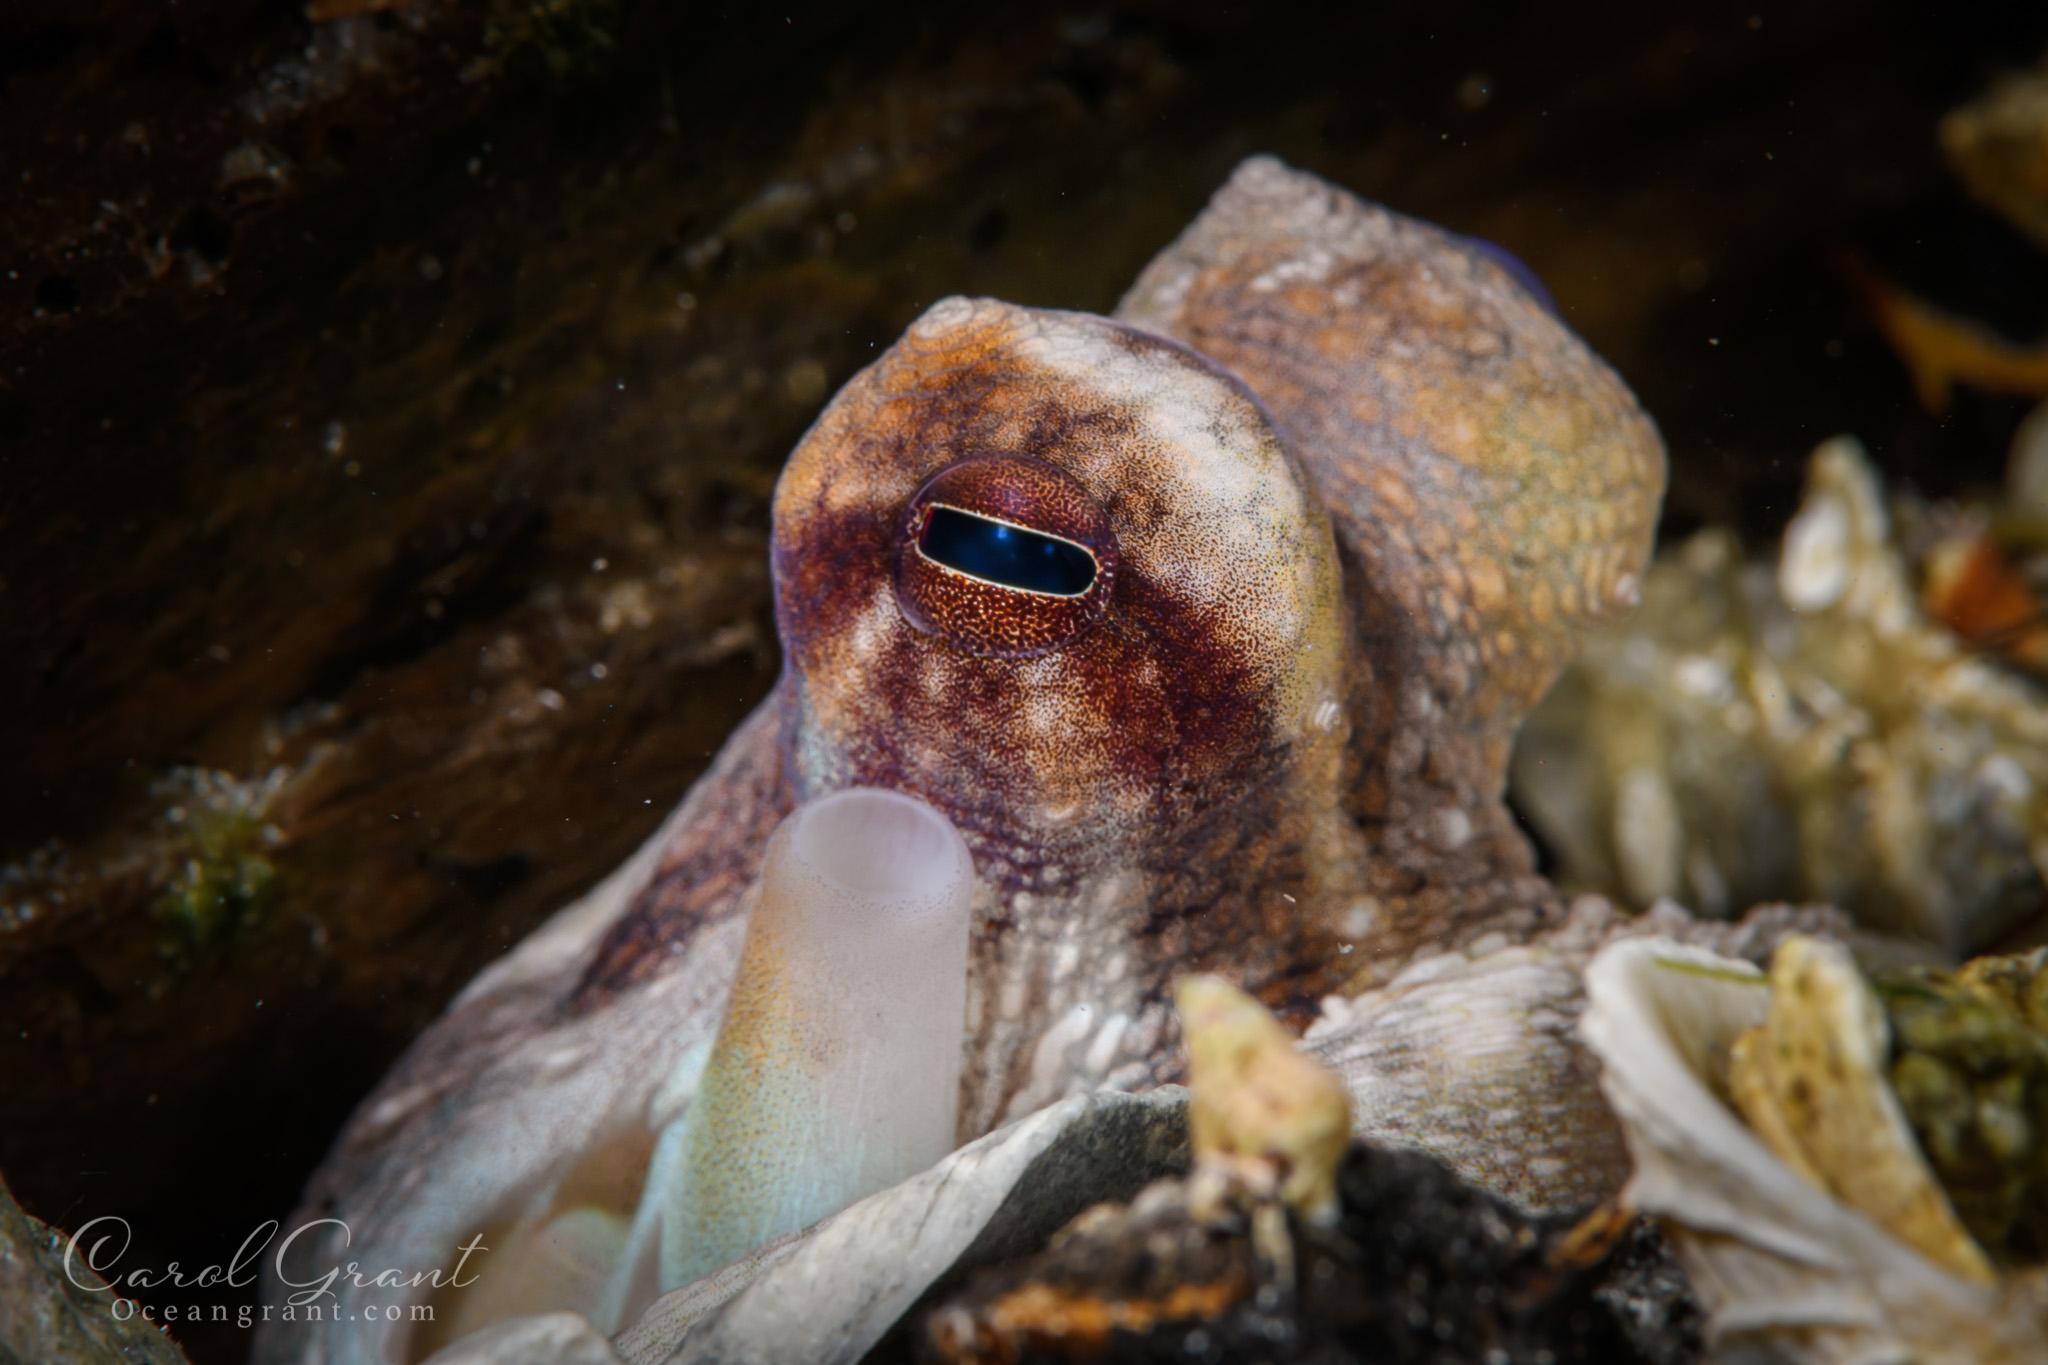 Octopus, scuba diving,Blue Heron Bridge; Florida;©️CGrant/Oceangrant.com